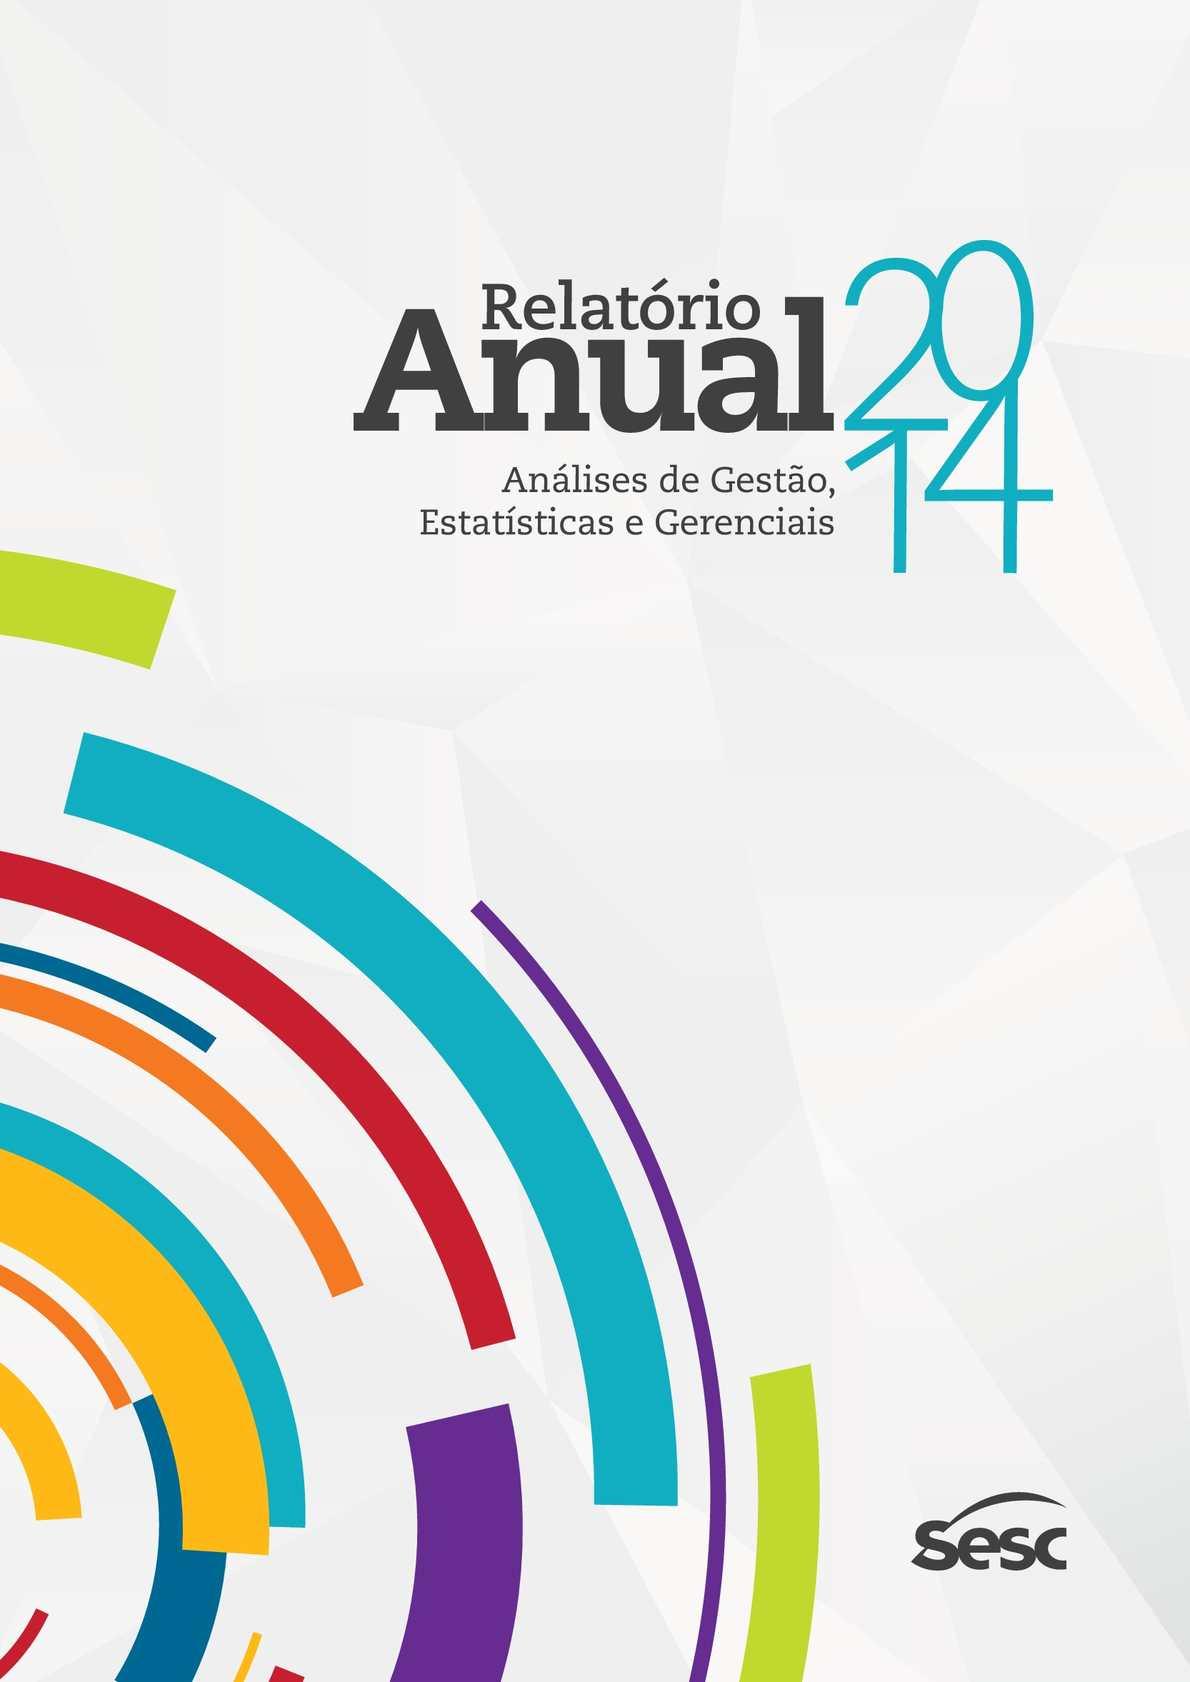 400e079d05 Calaméo - Relatorio Anual 2014 Sesc Mg